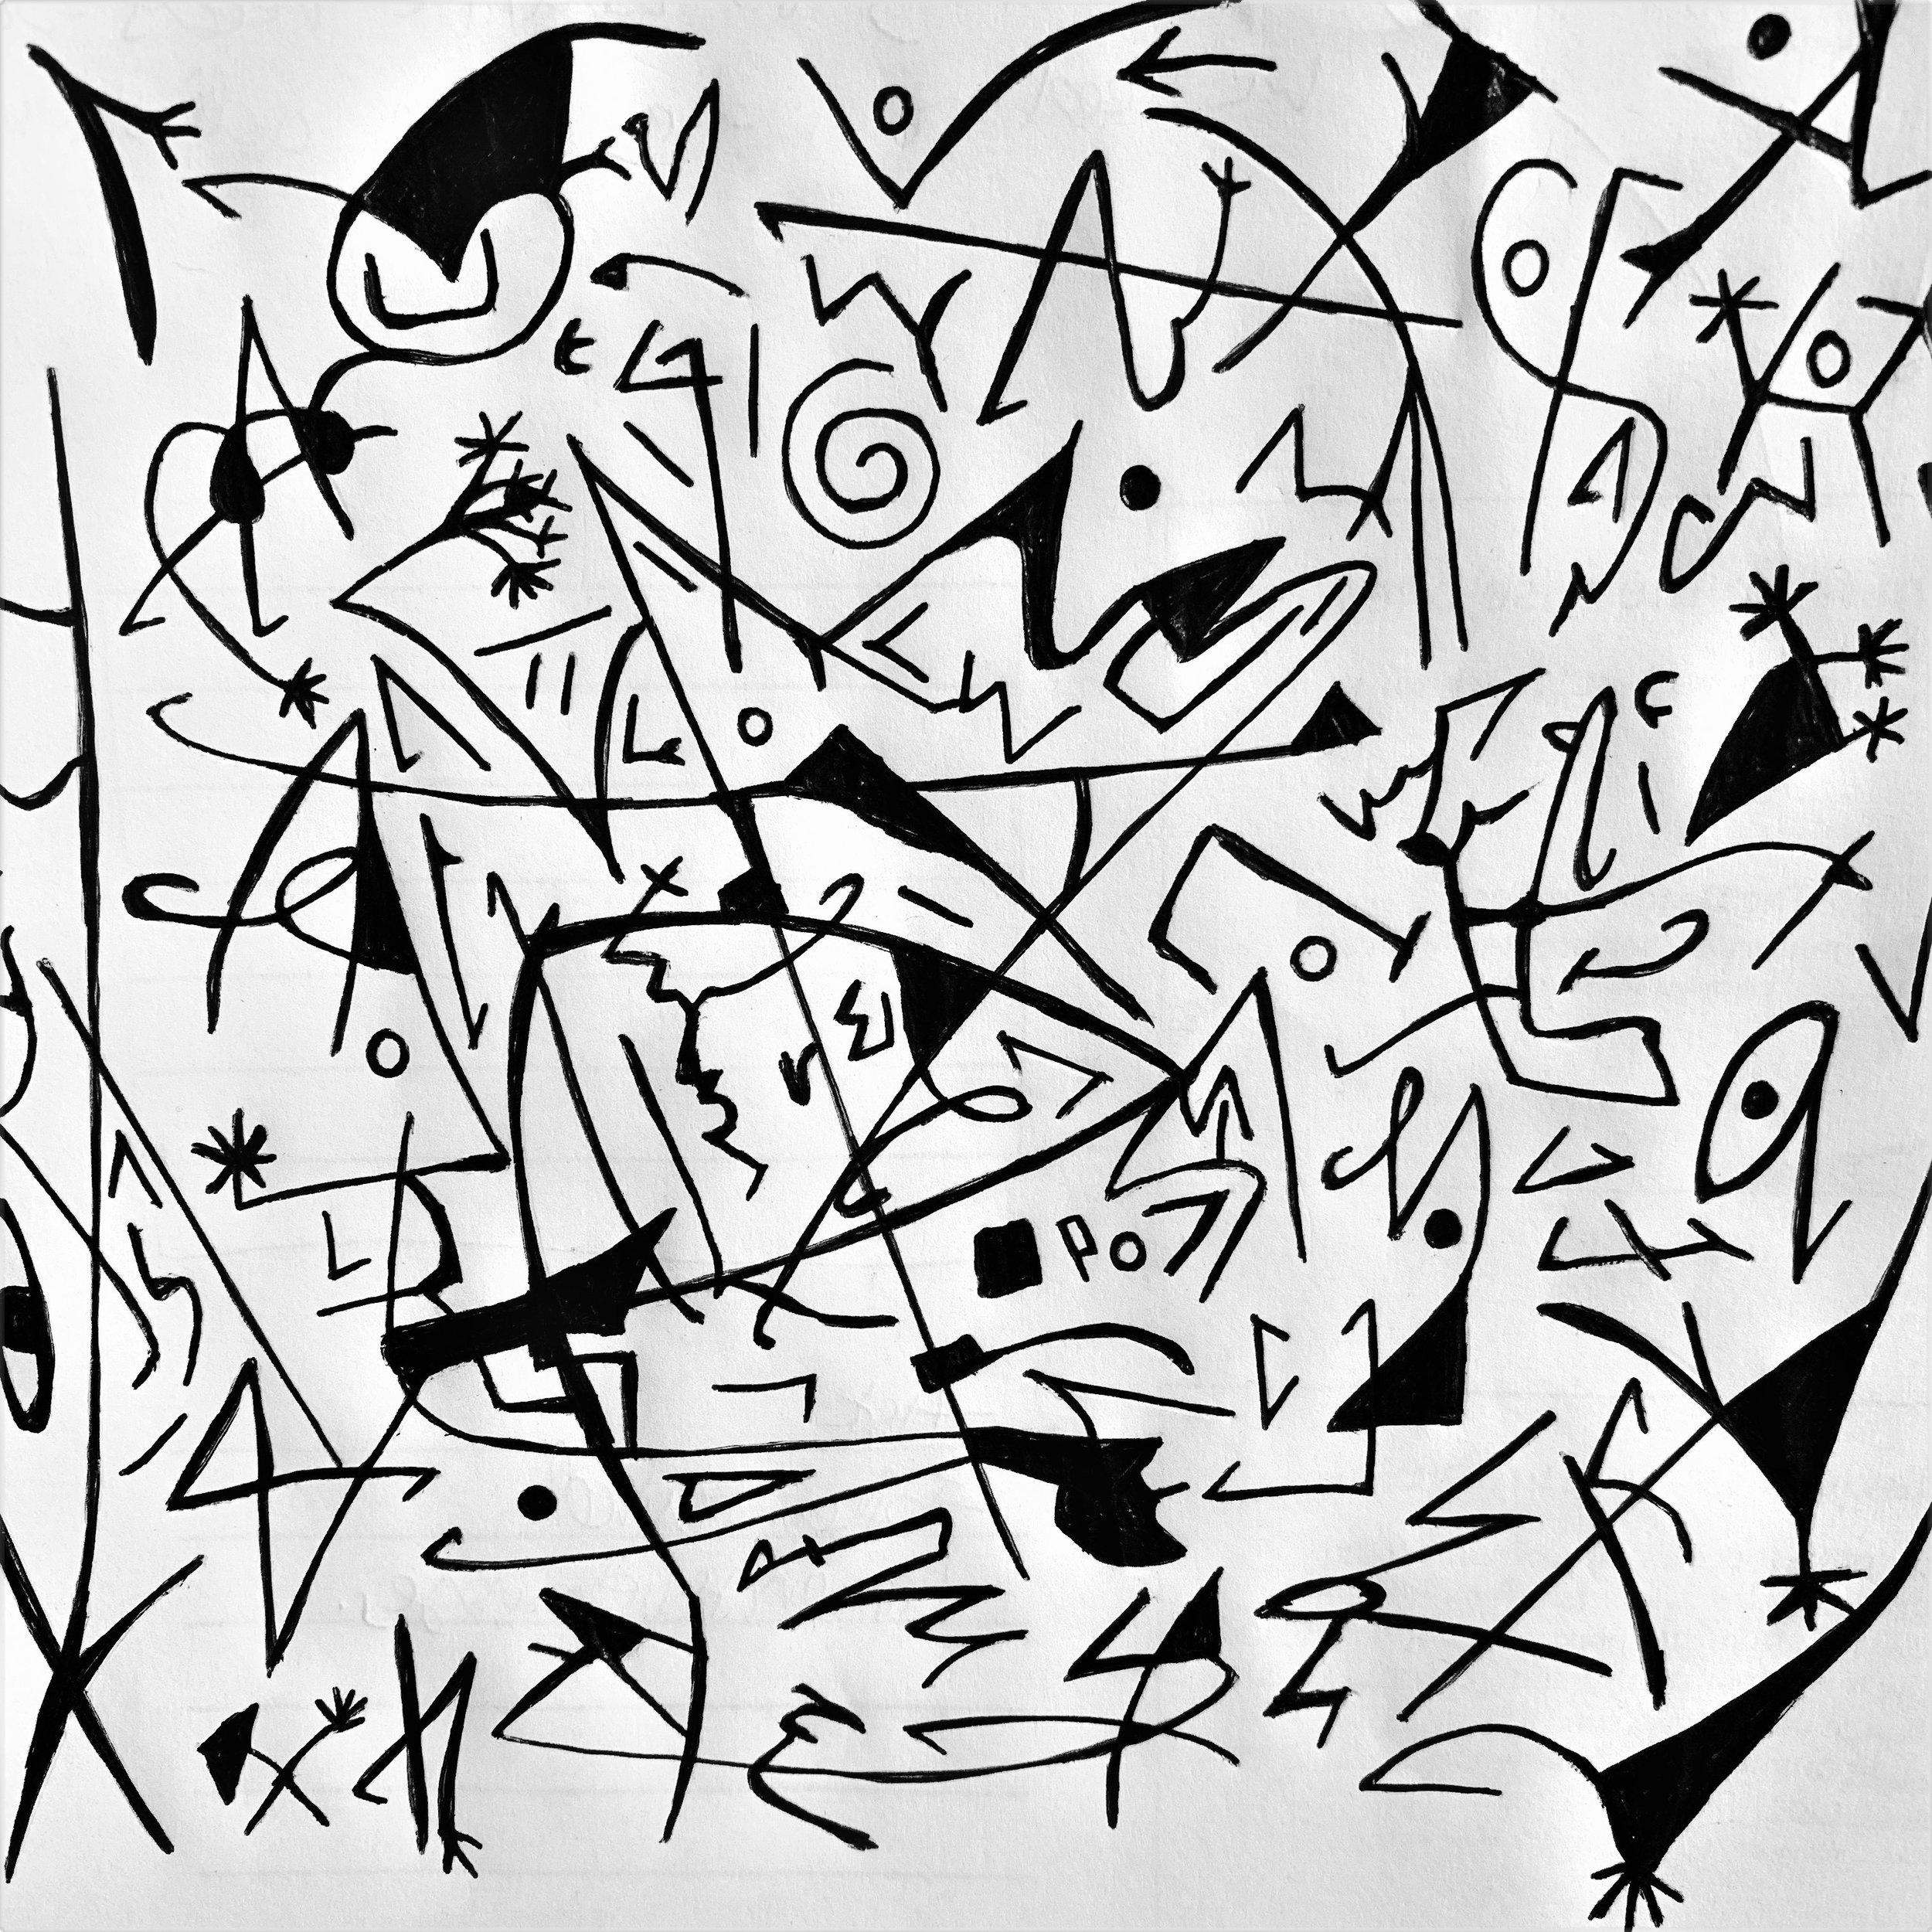 art no border.jpg